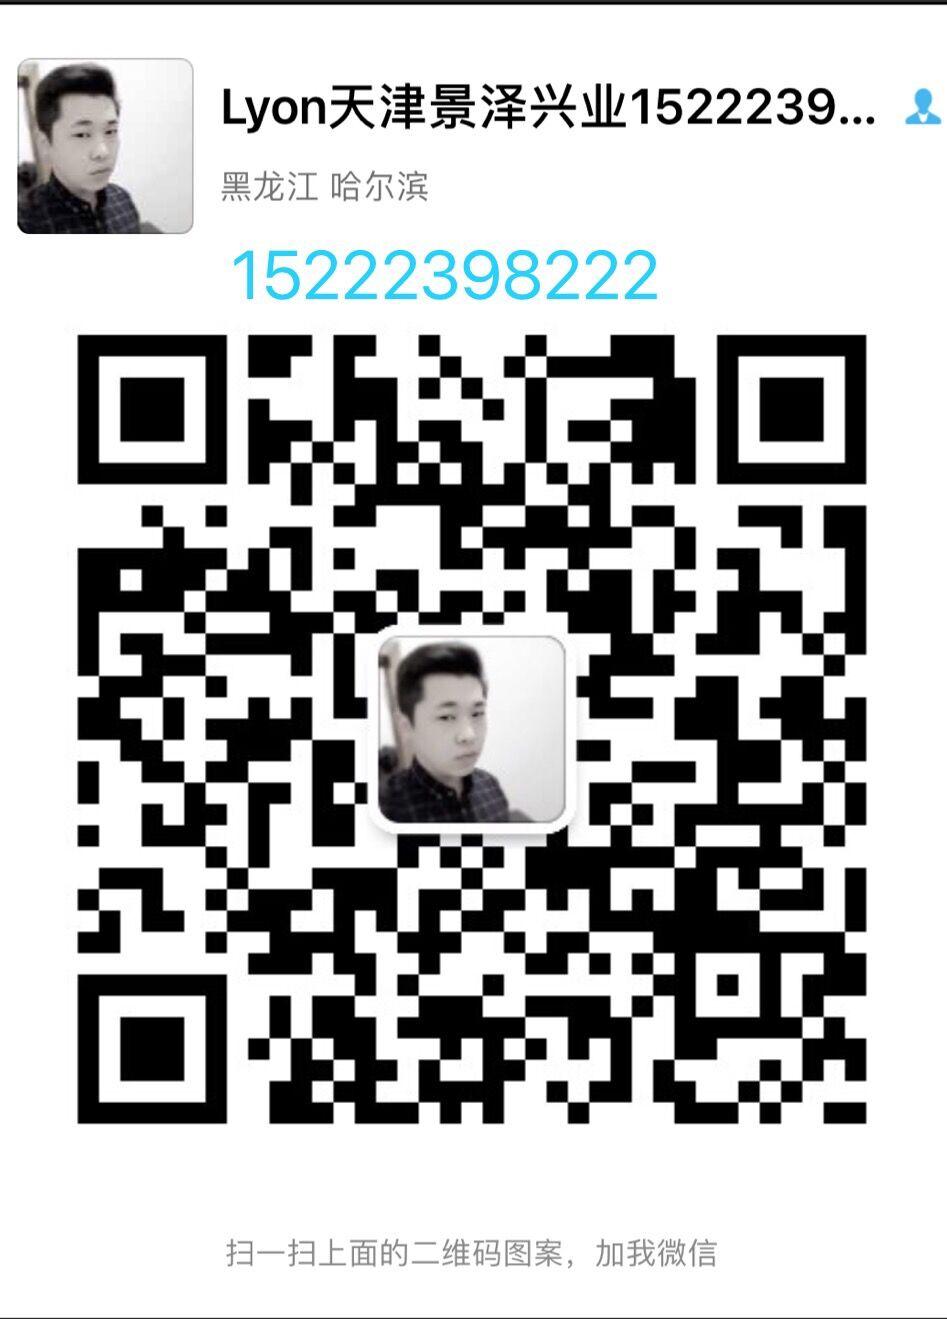 67753228c73bfa74.jpg